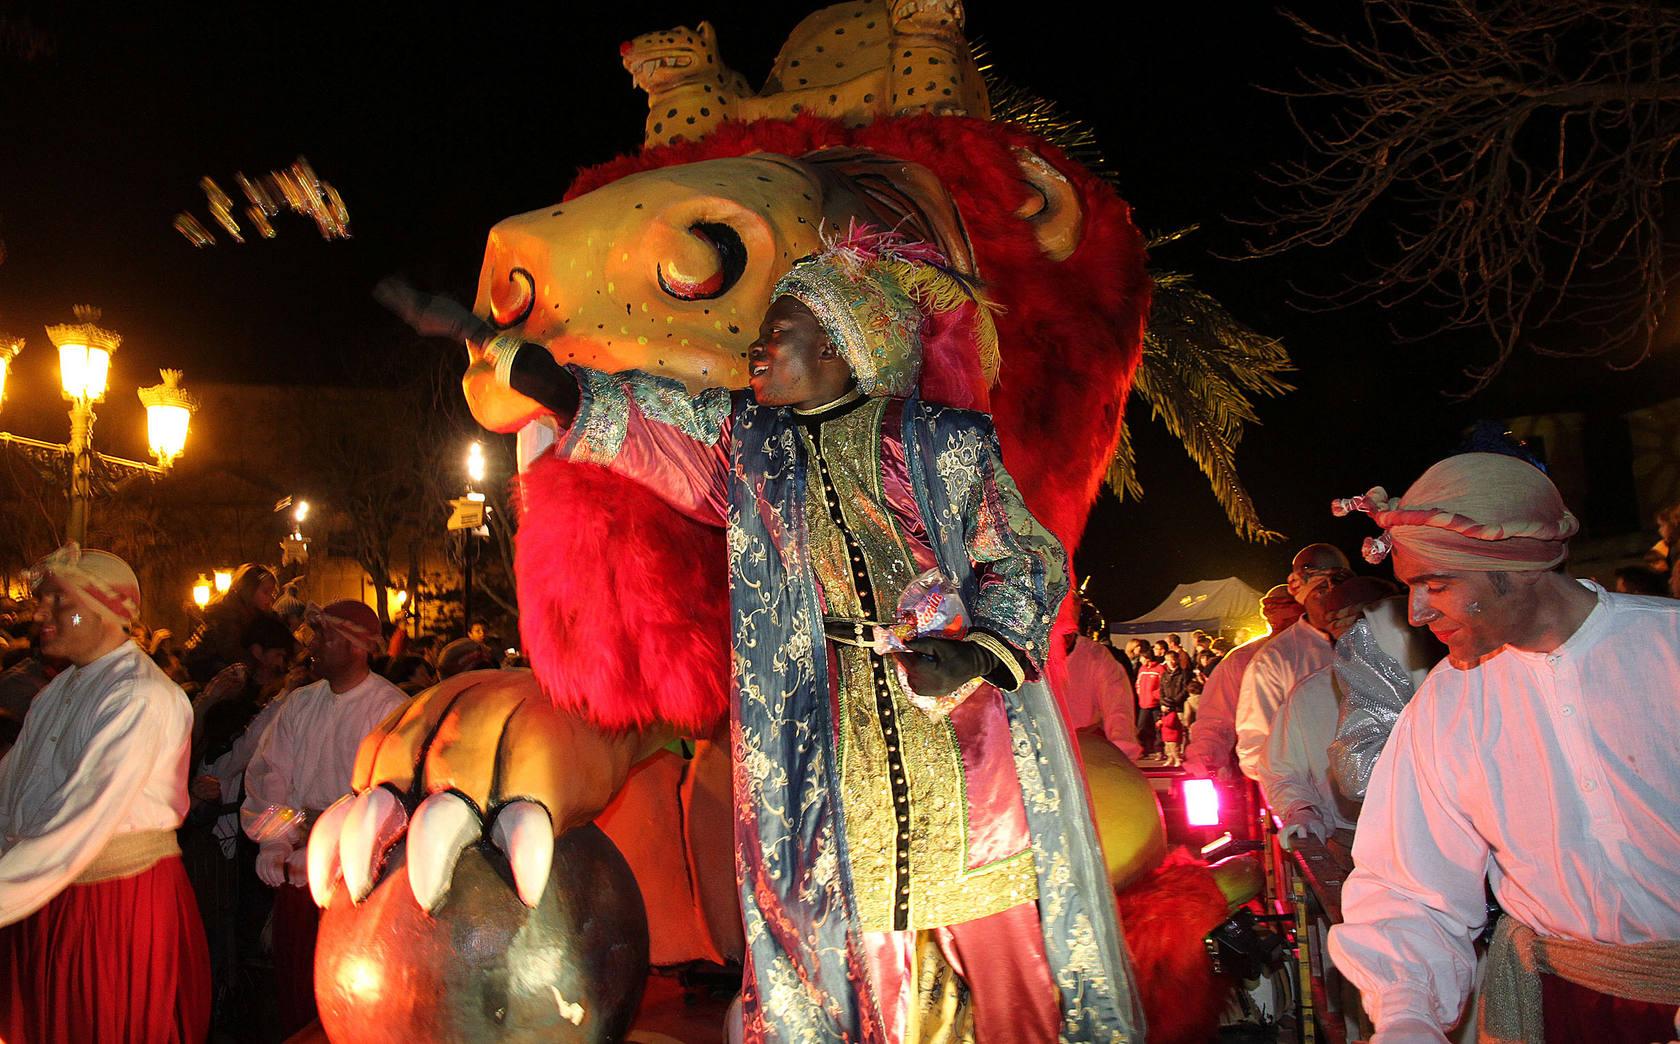 Cabalgata de los Reyes Magos en Segovia